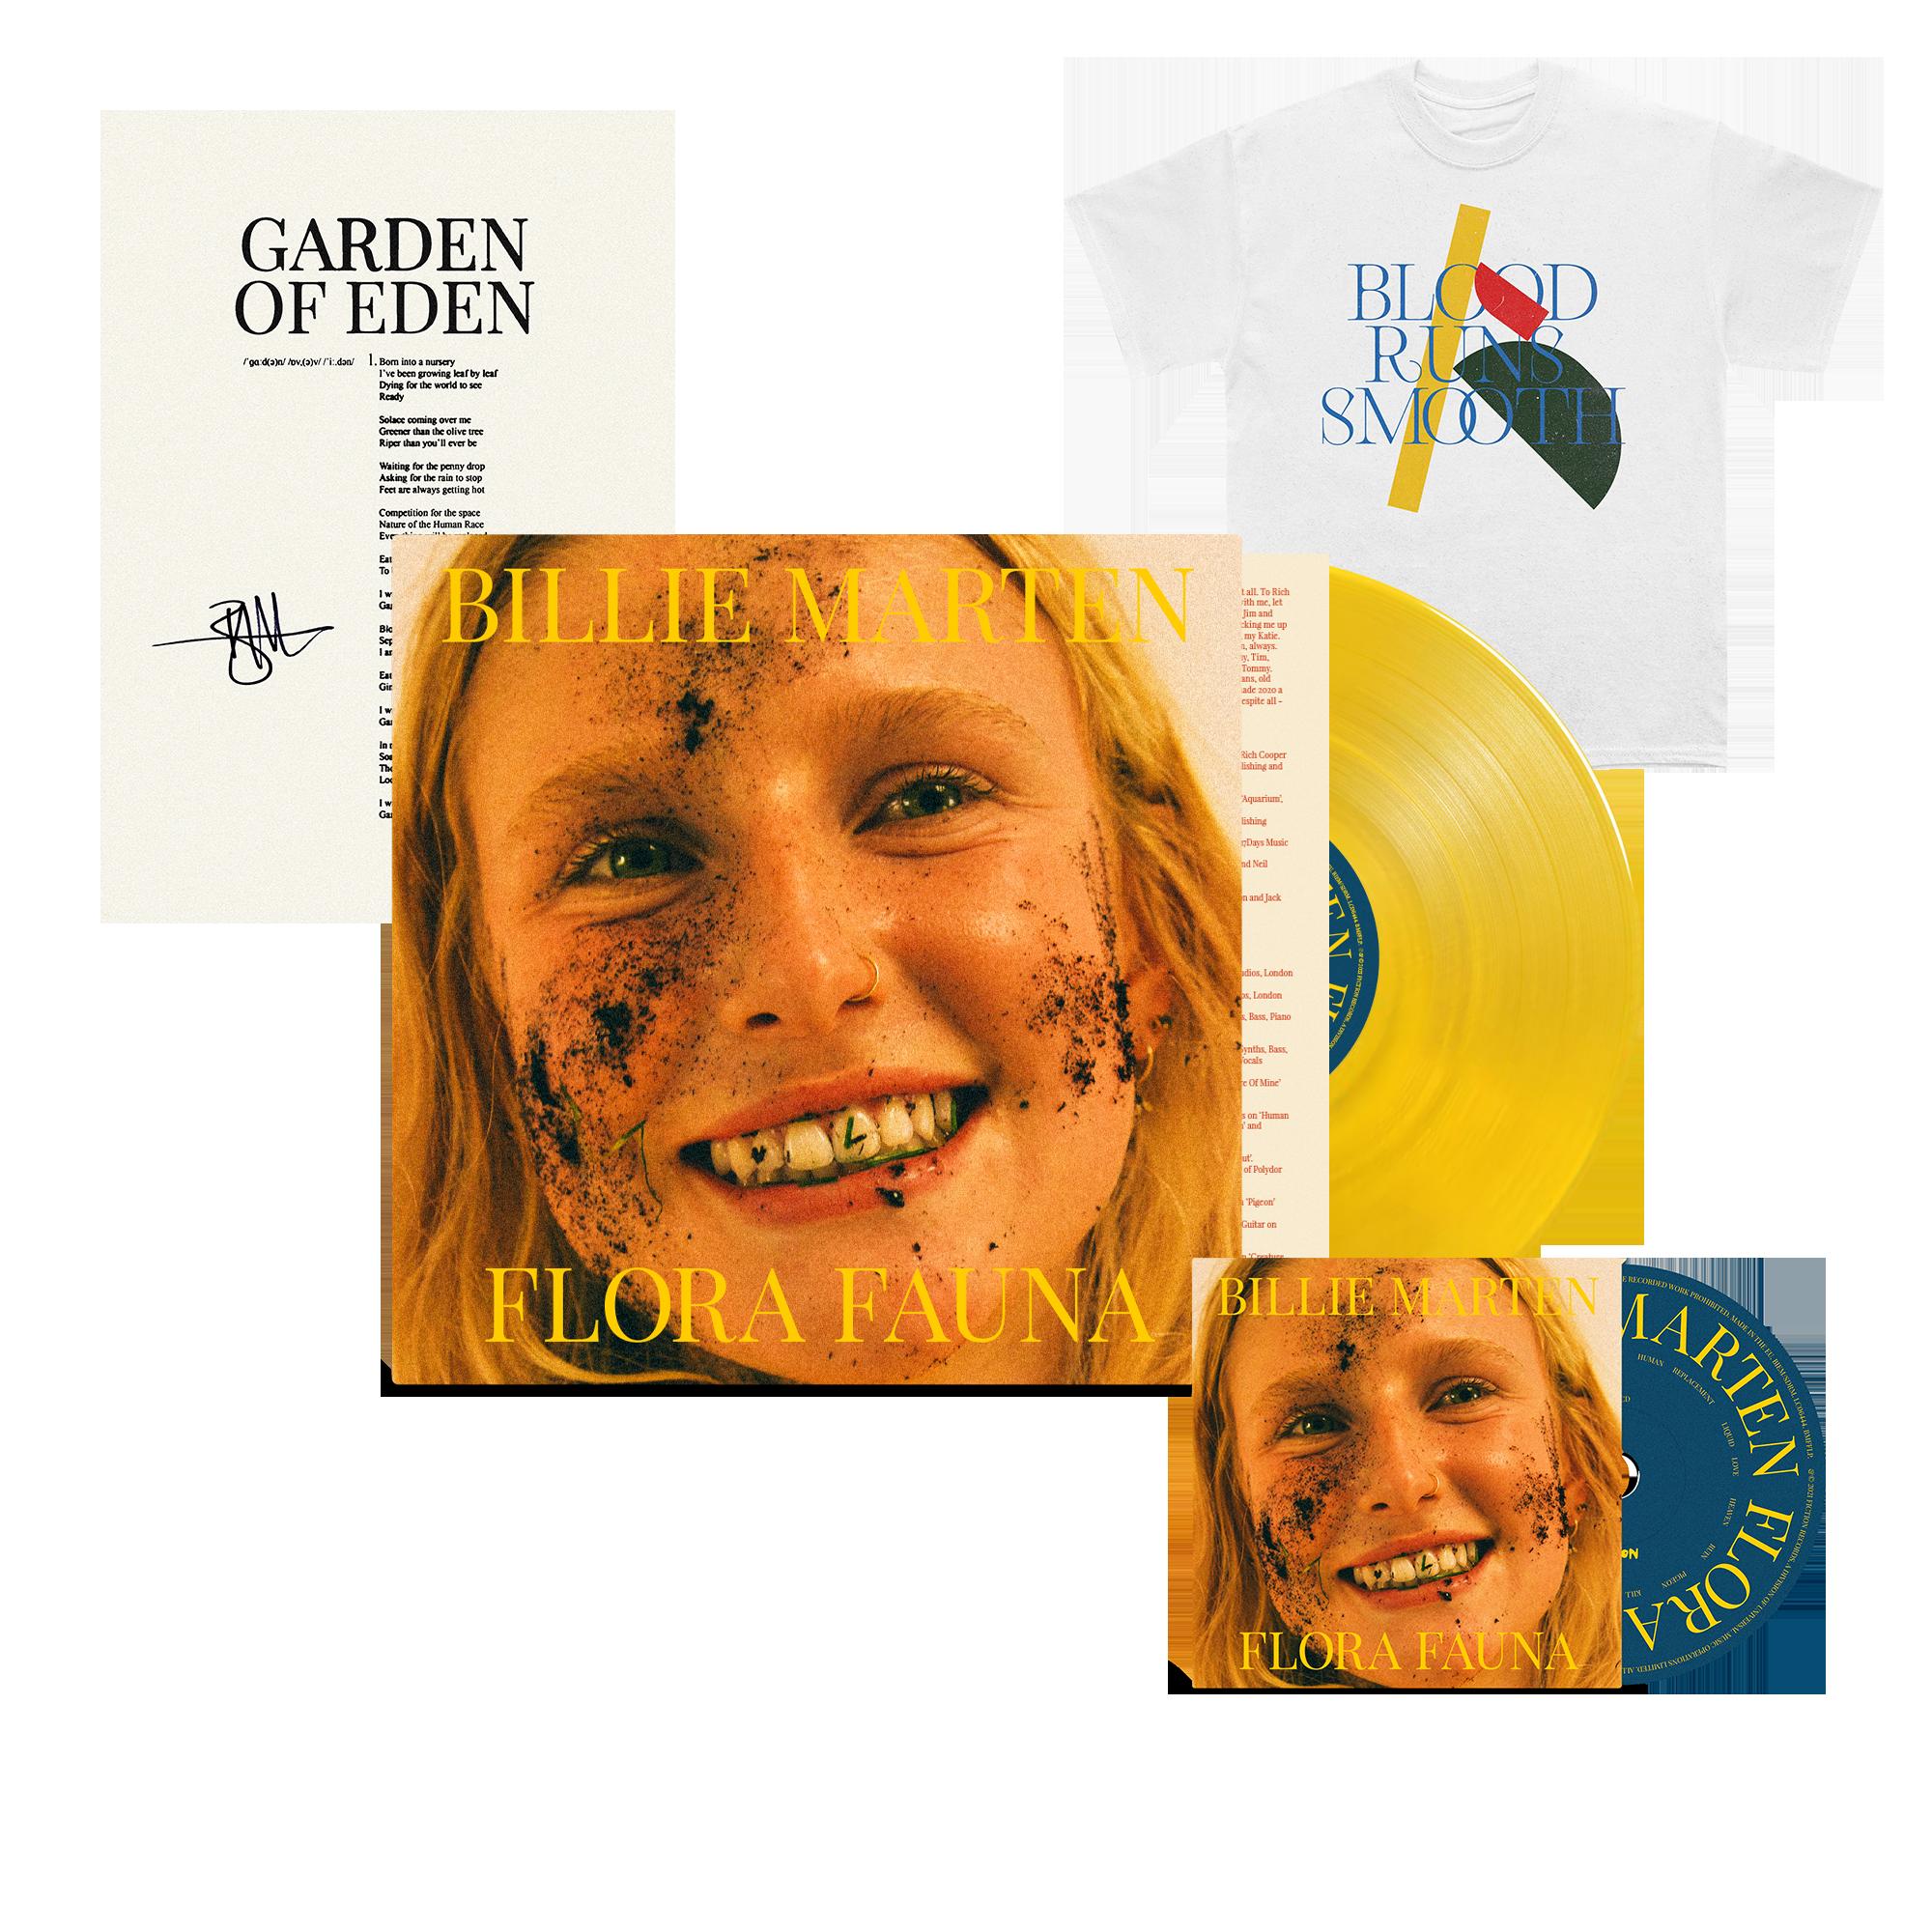 Flora Fauna CD + Transparent Sun Yellow Vinyl + Blood Runs T-Shirt + Signed Lyric Sheet